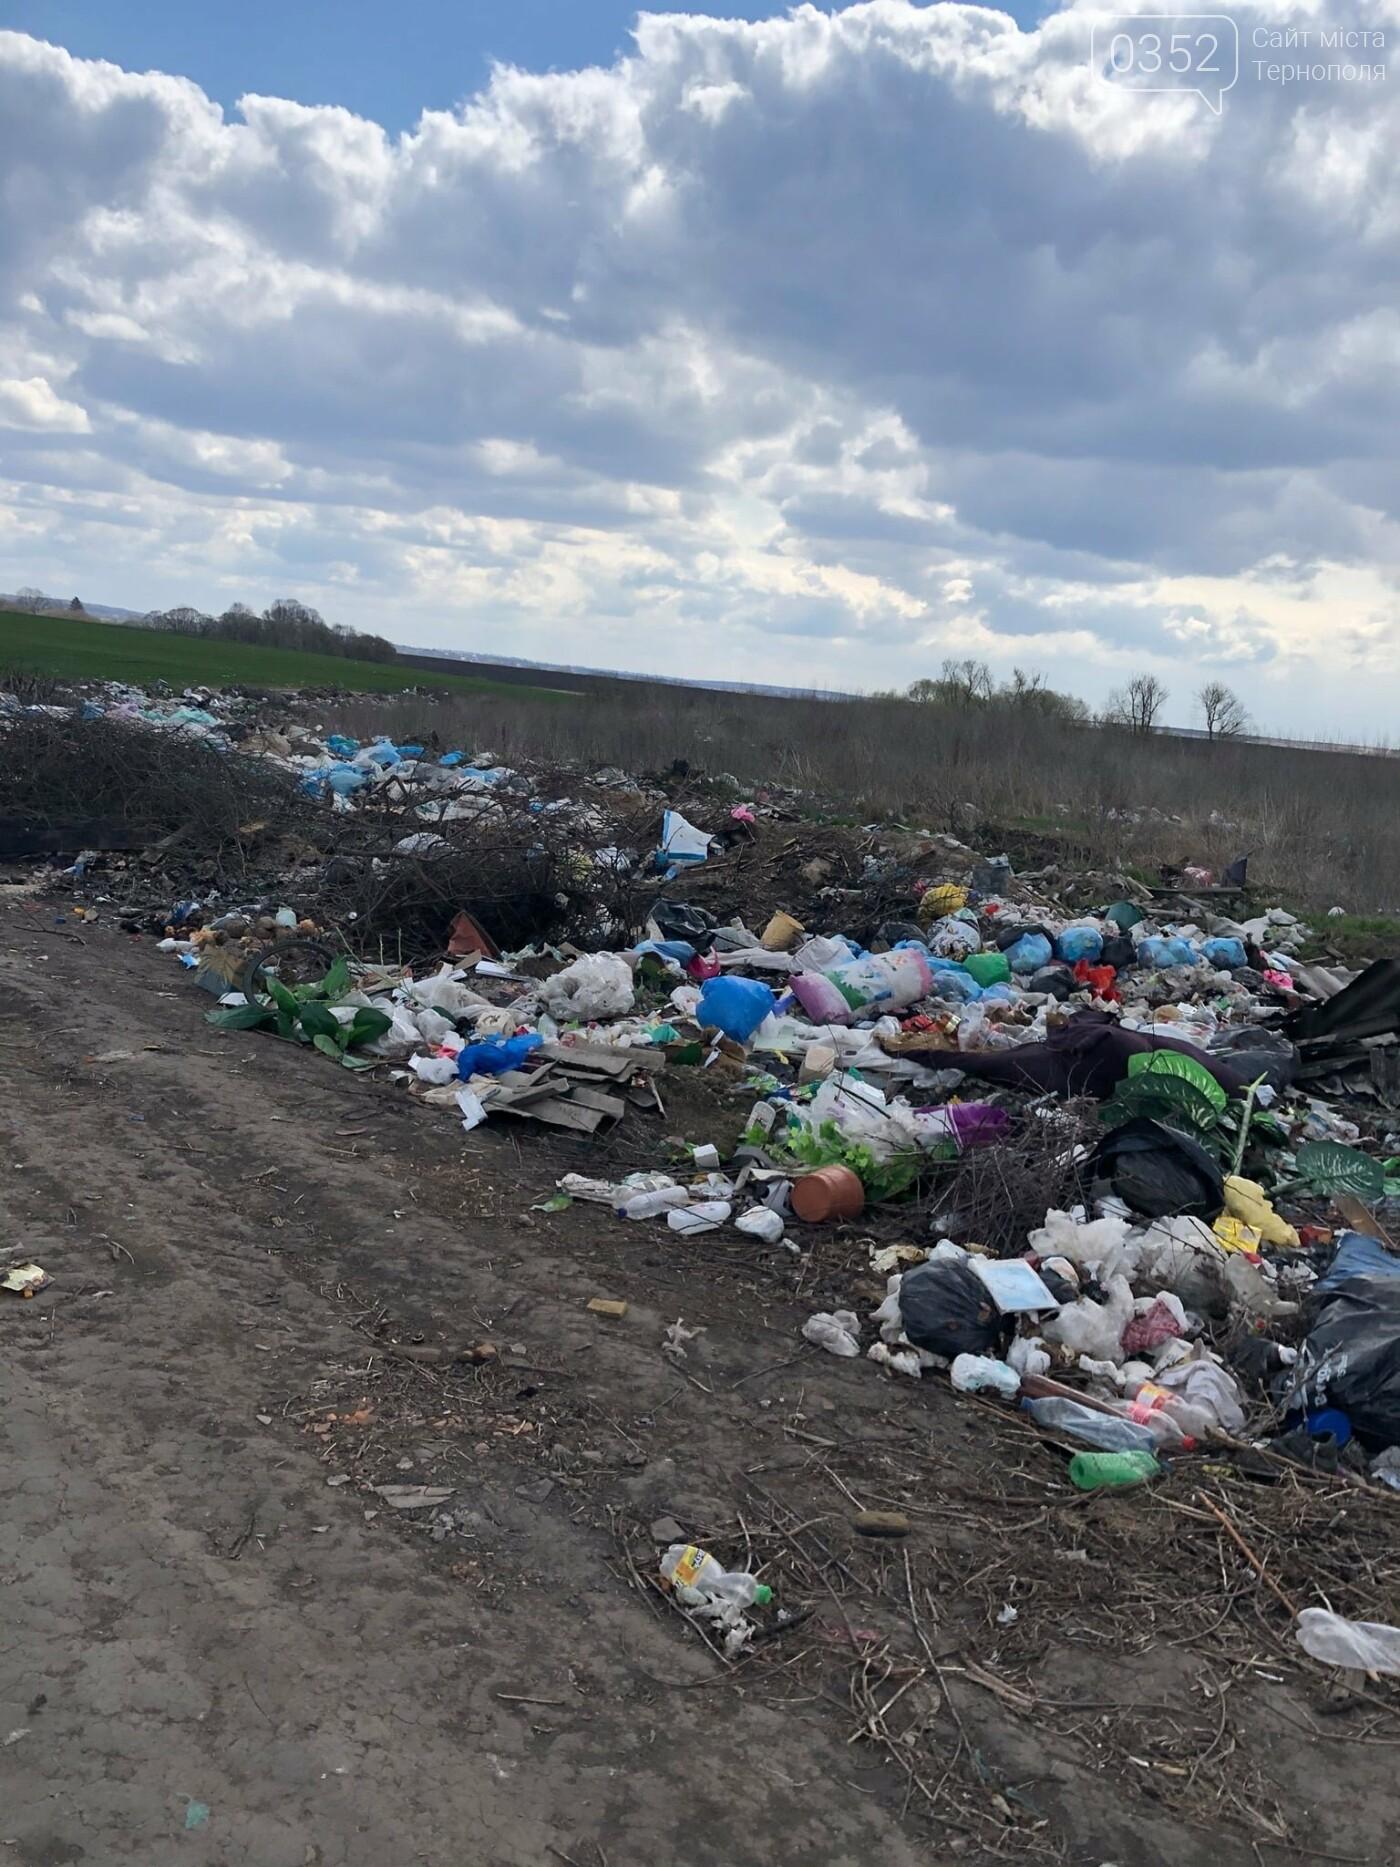 Біля Озерної впорядкували величезне стихійне сміттєзвалище, фото-2